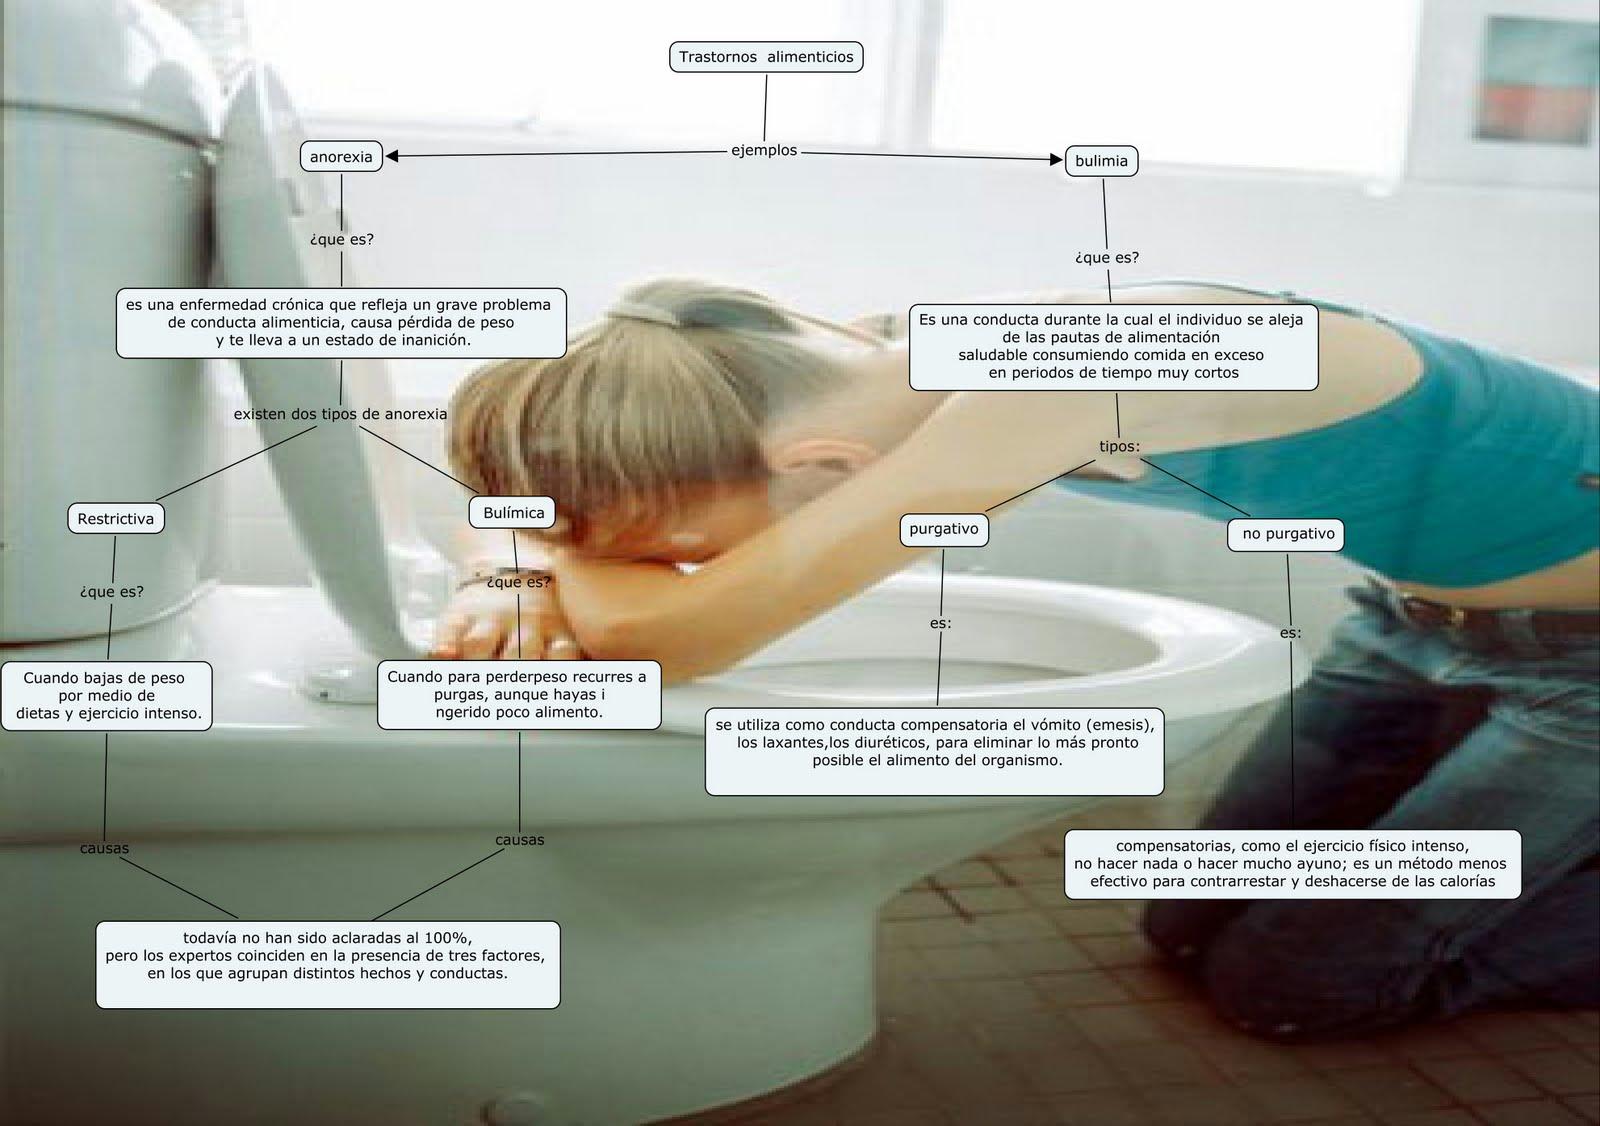 Equipo5 3 f anorexia y bulimia - Como tratar la bulimia en casa ...